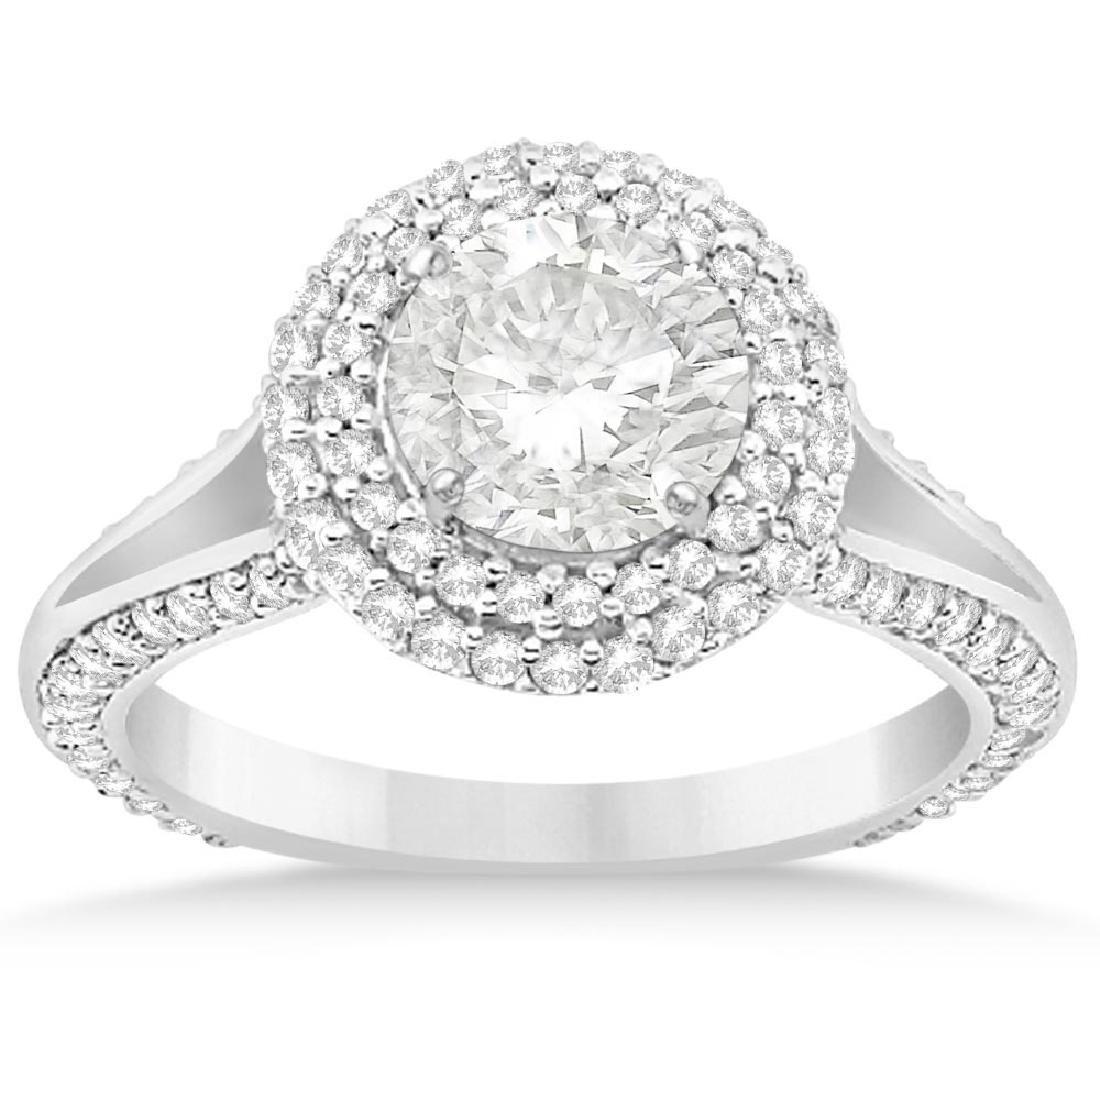 Double Halo Diamond Engagement Ring Setting 14k White G